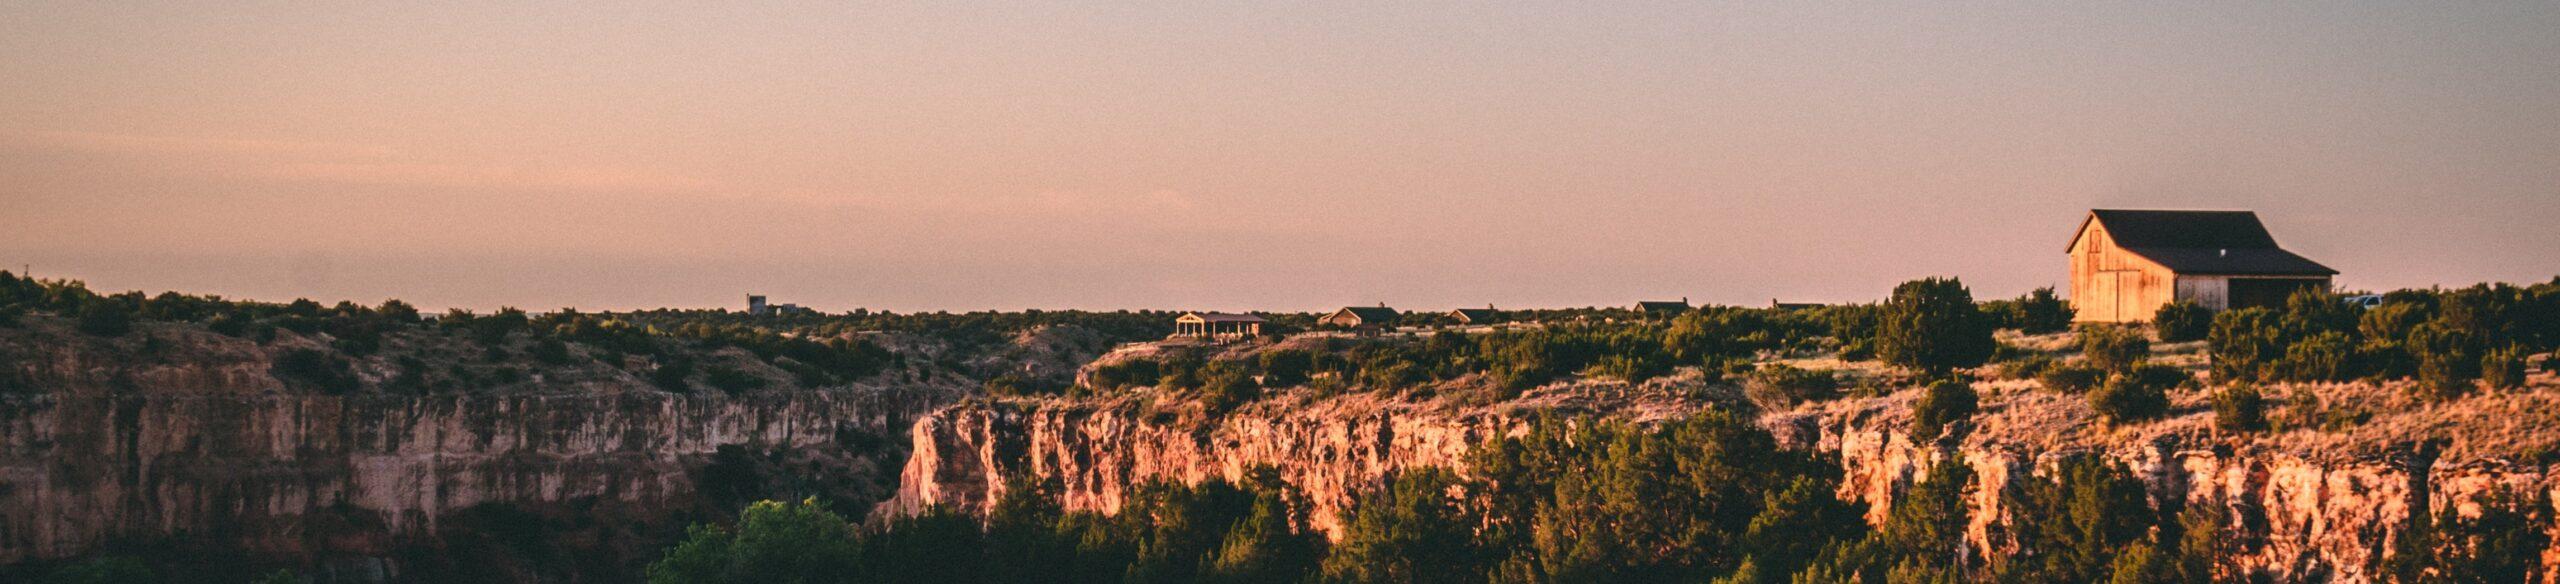 Ларедо, Техас